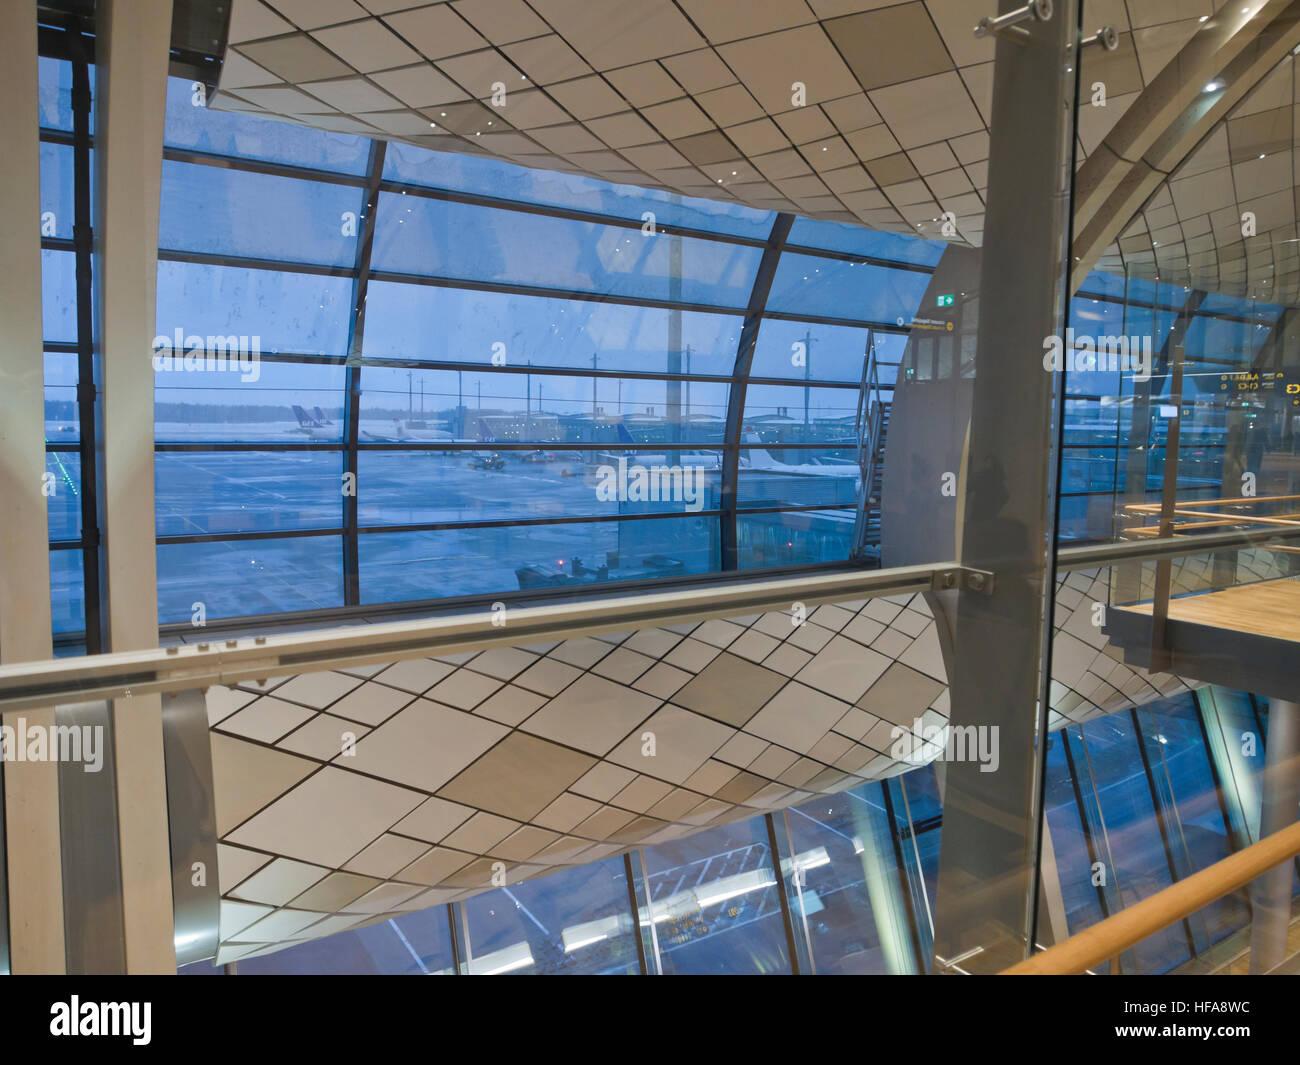 Nouveau terminal de l'aéroport à Oslo, Norvège, 2016 météo maussade pour voler, sombre, Photo Stock